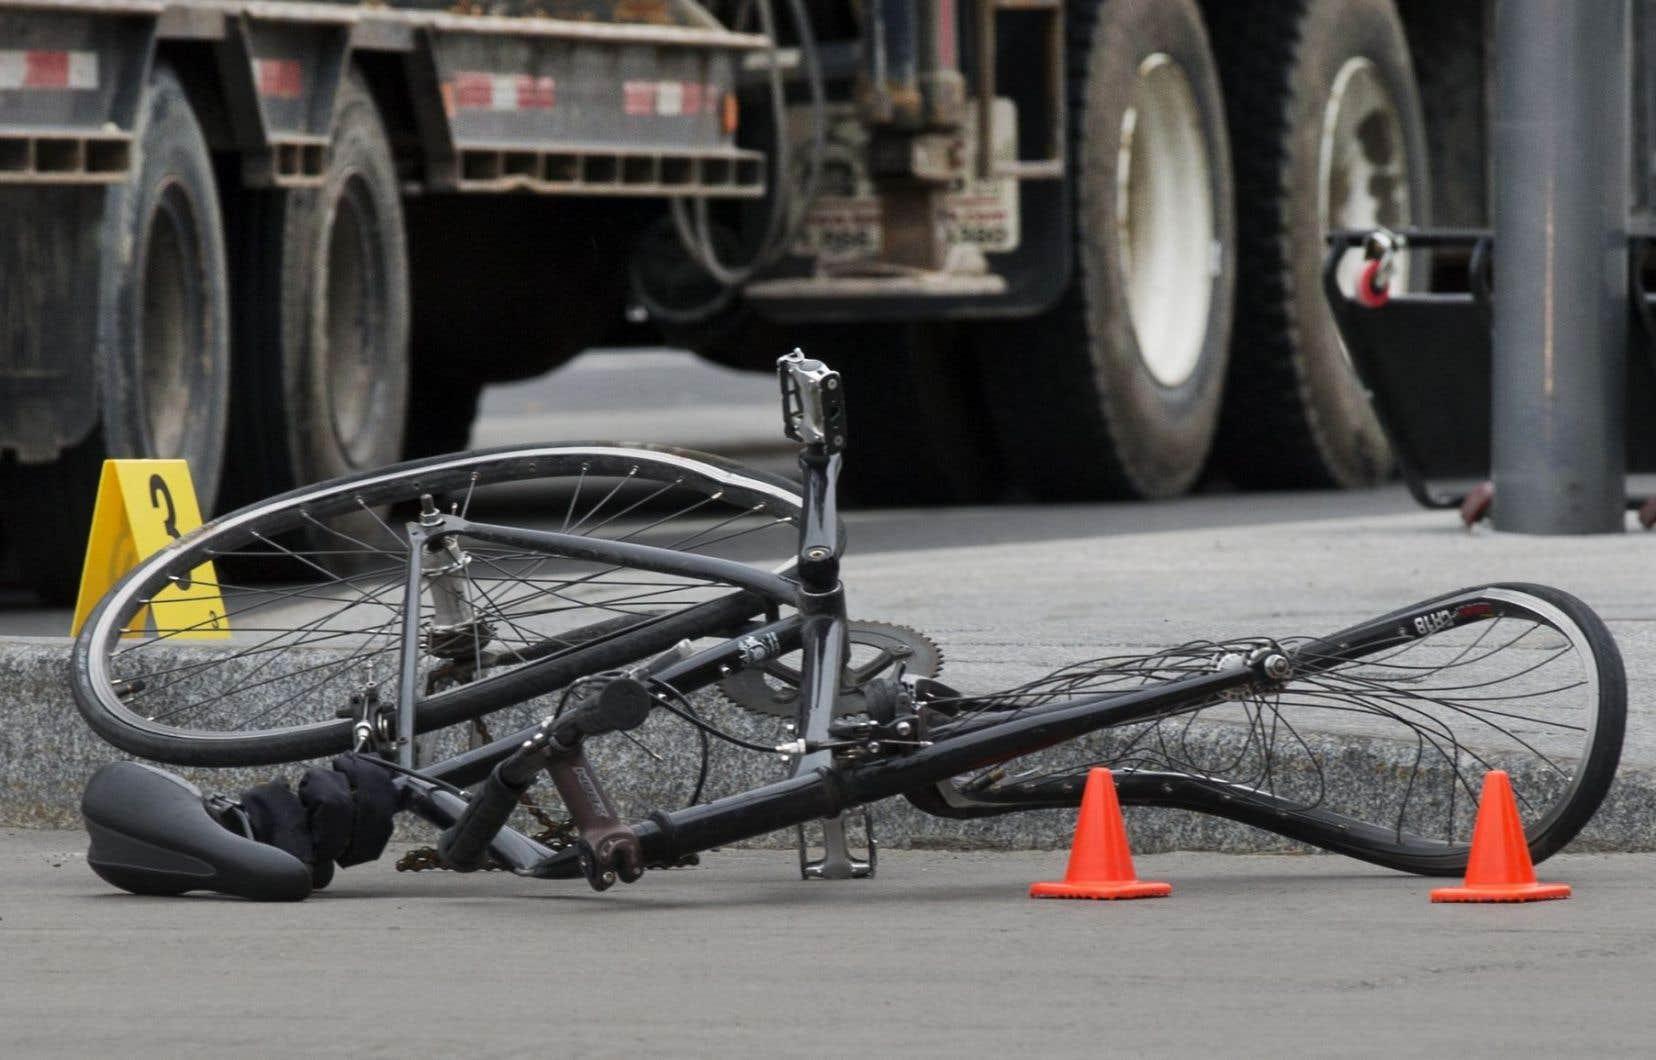 Vision zéro est une approche inspirée de la Suède qui signifie qu'une ville n'accepte pas que des personnes meurent ou soient blessées sur la route.